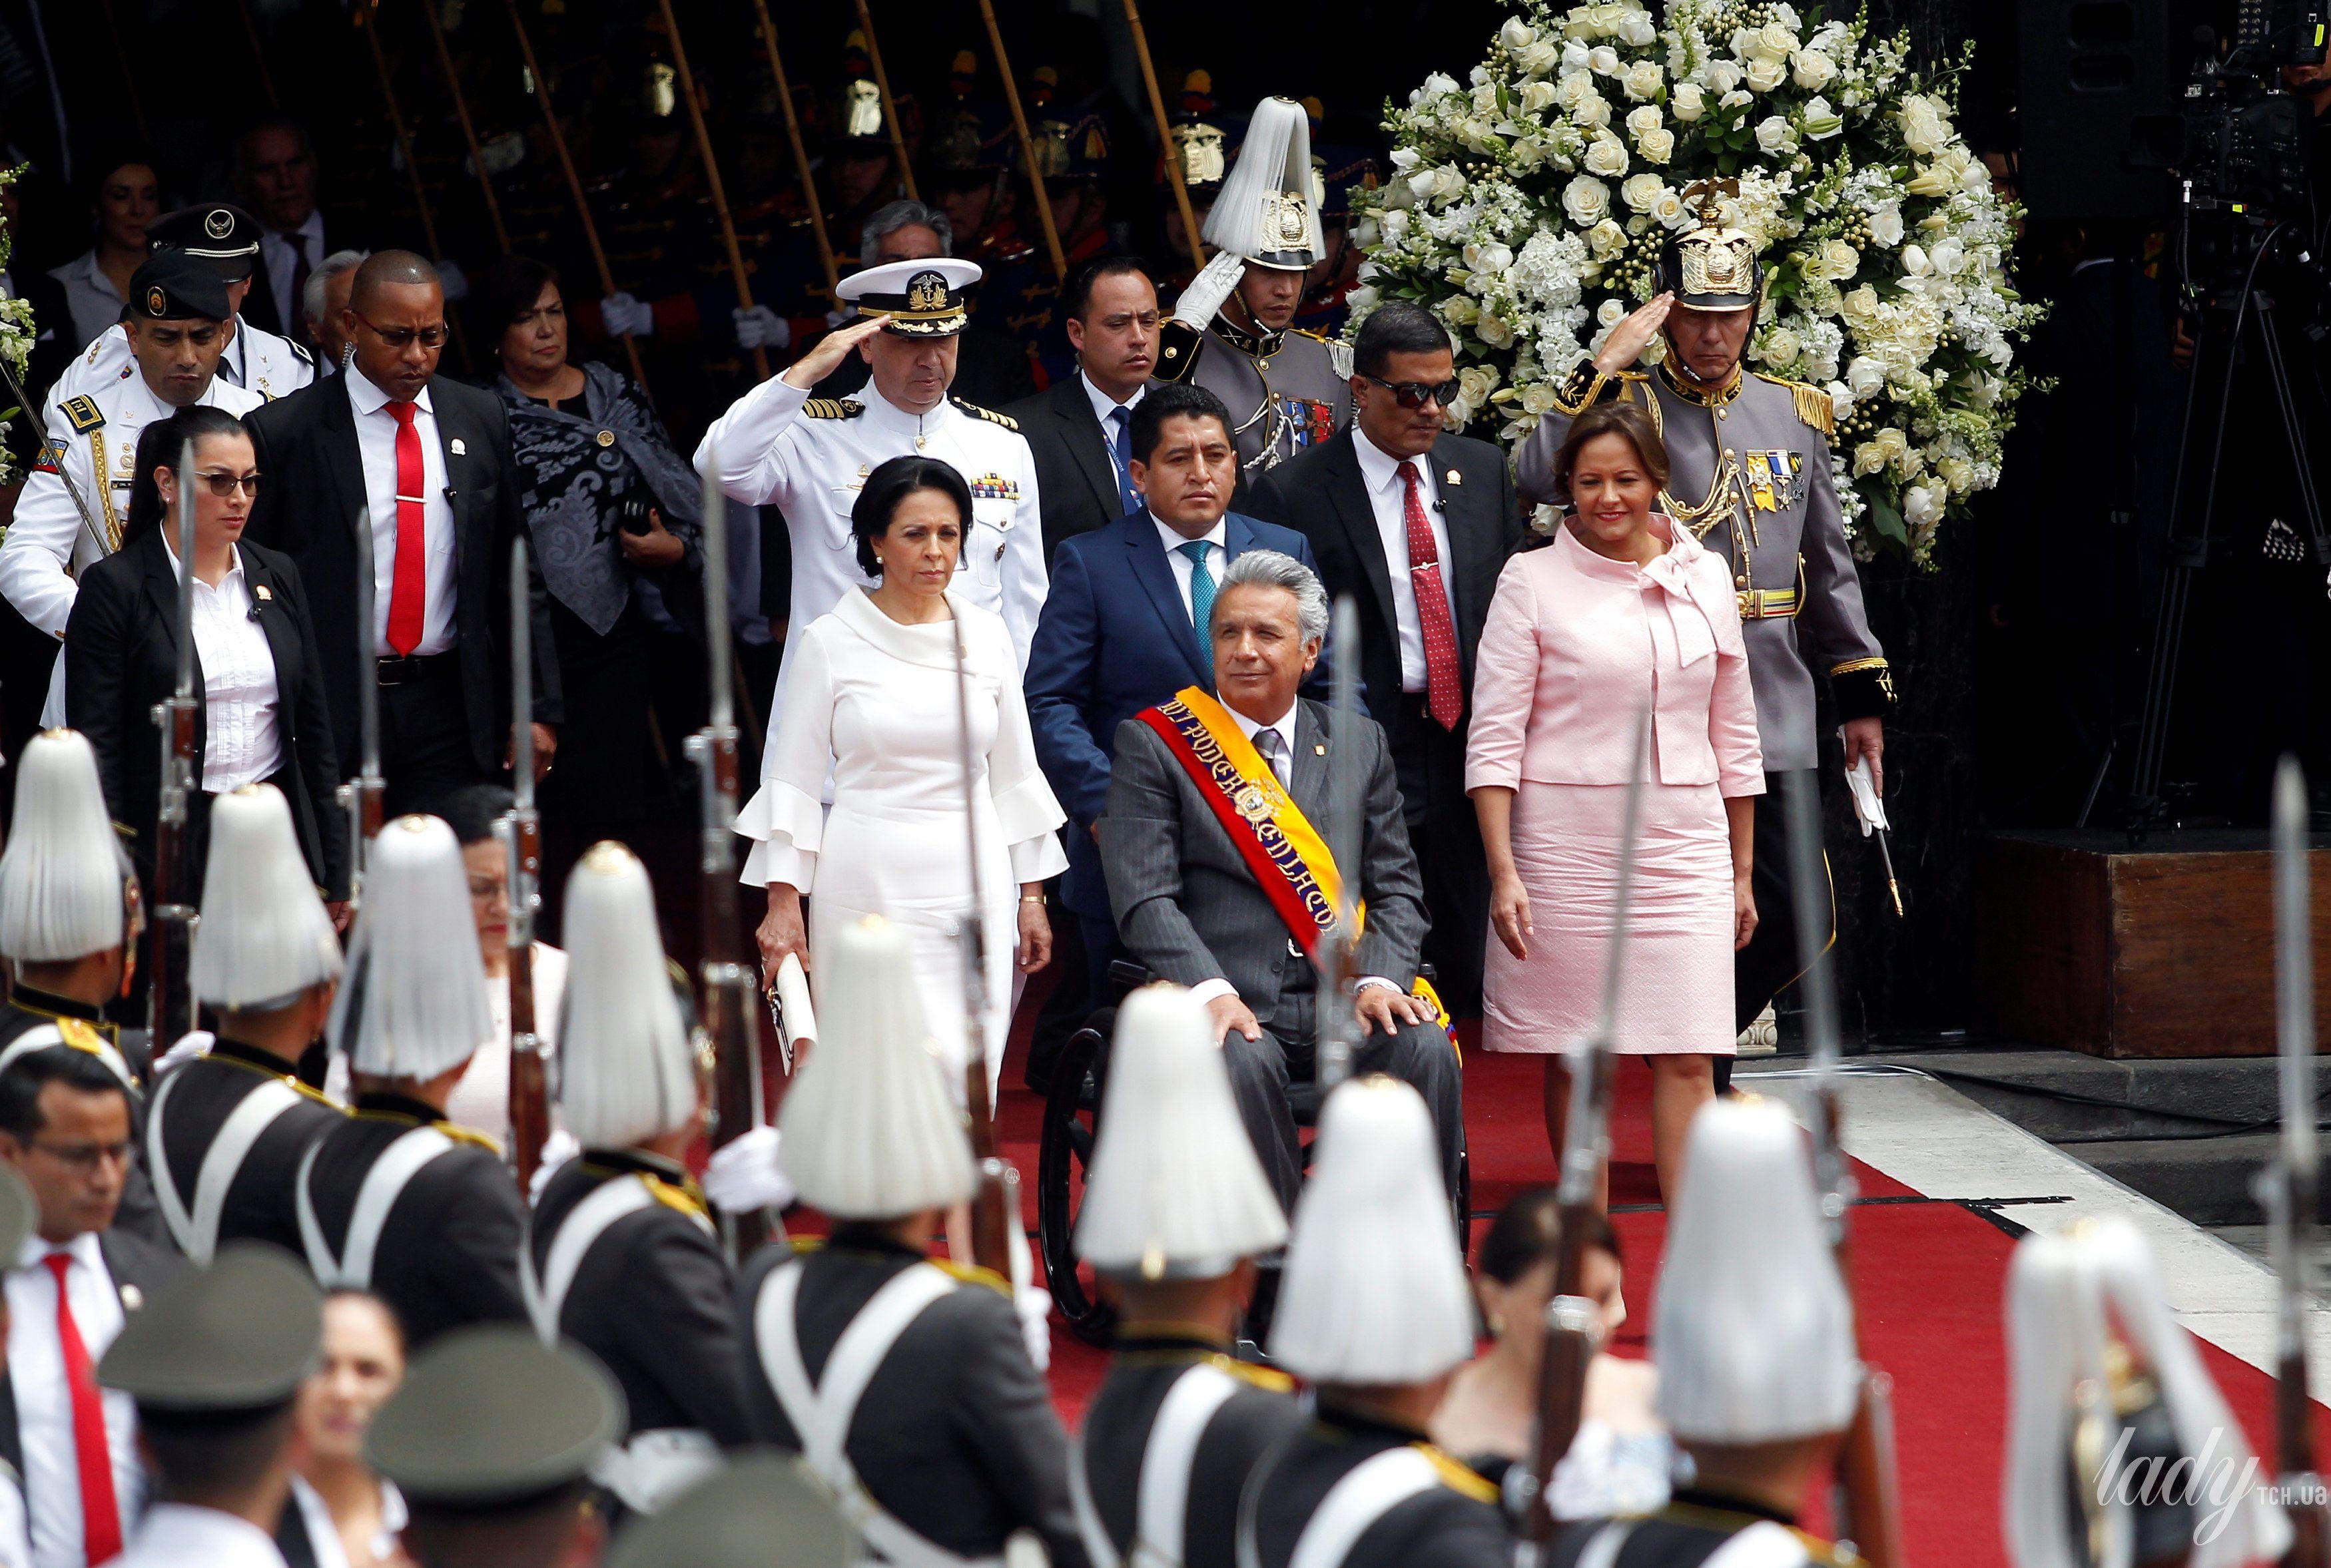 Президент Эквадора Ленин Морено первая леди Росия Гонсалес и президента Национального собрания Элизабет Кабезас_7